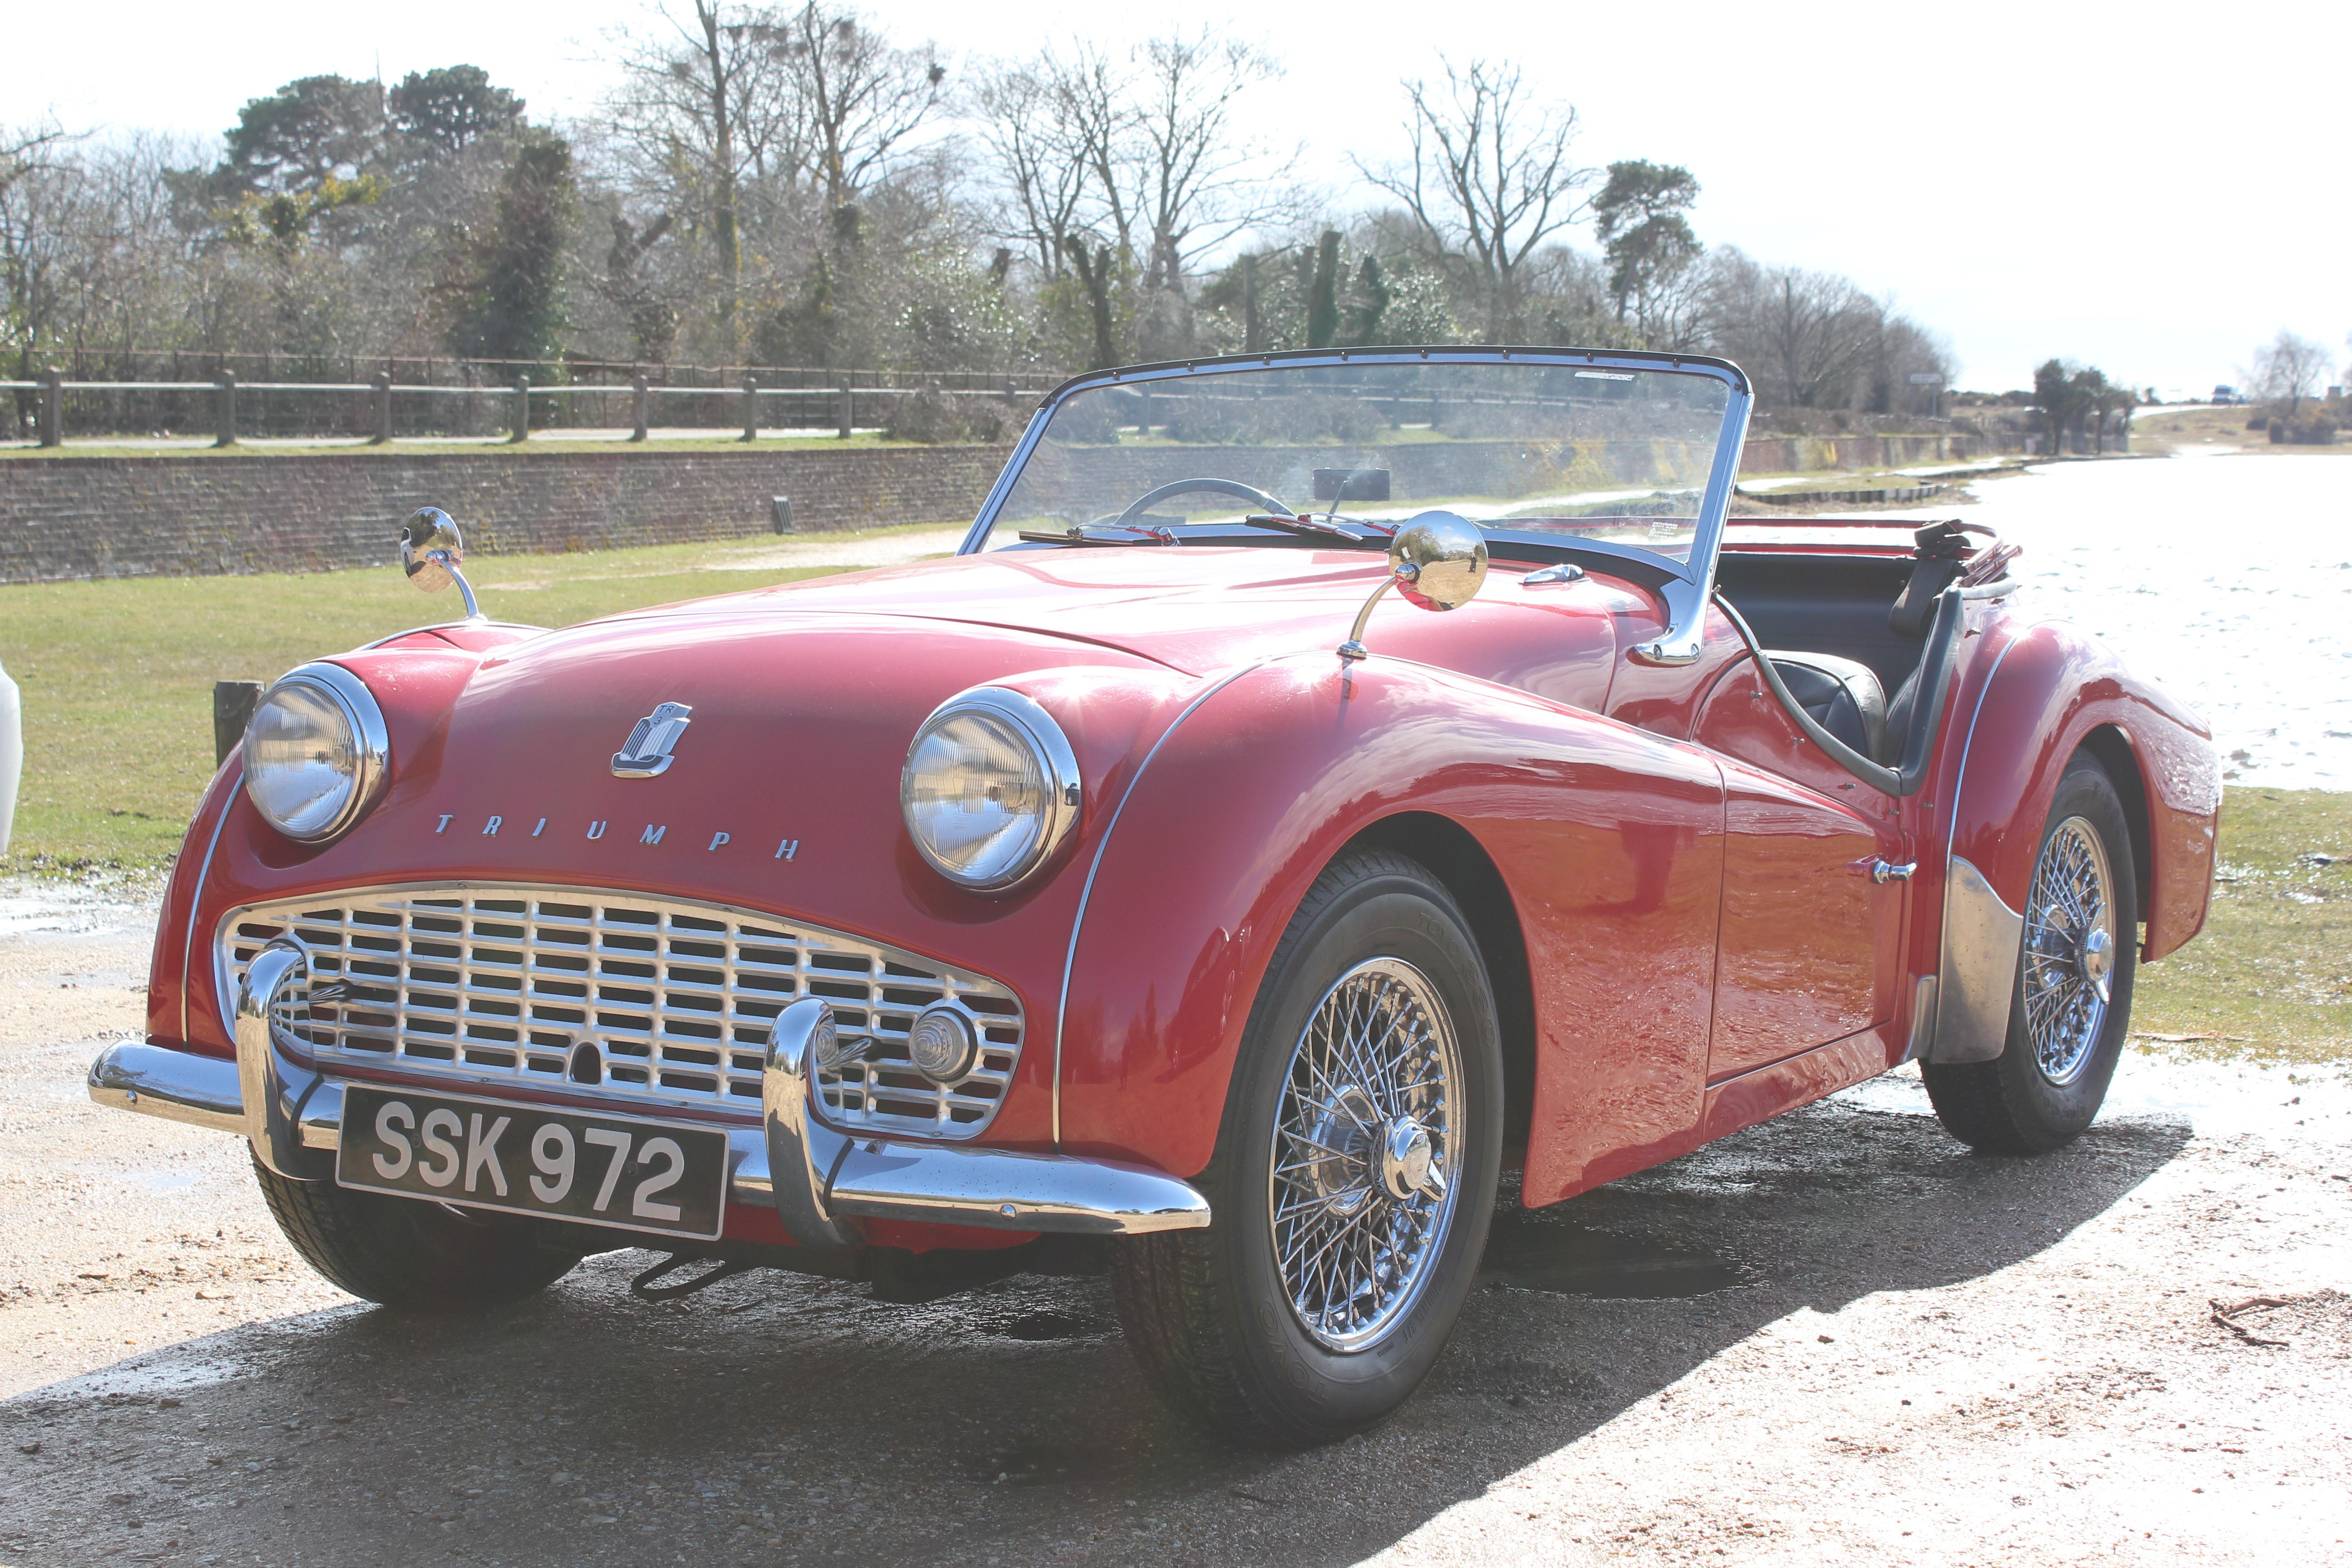 Beaulieu Garage - 1959 Triumph TR3a